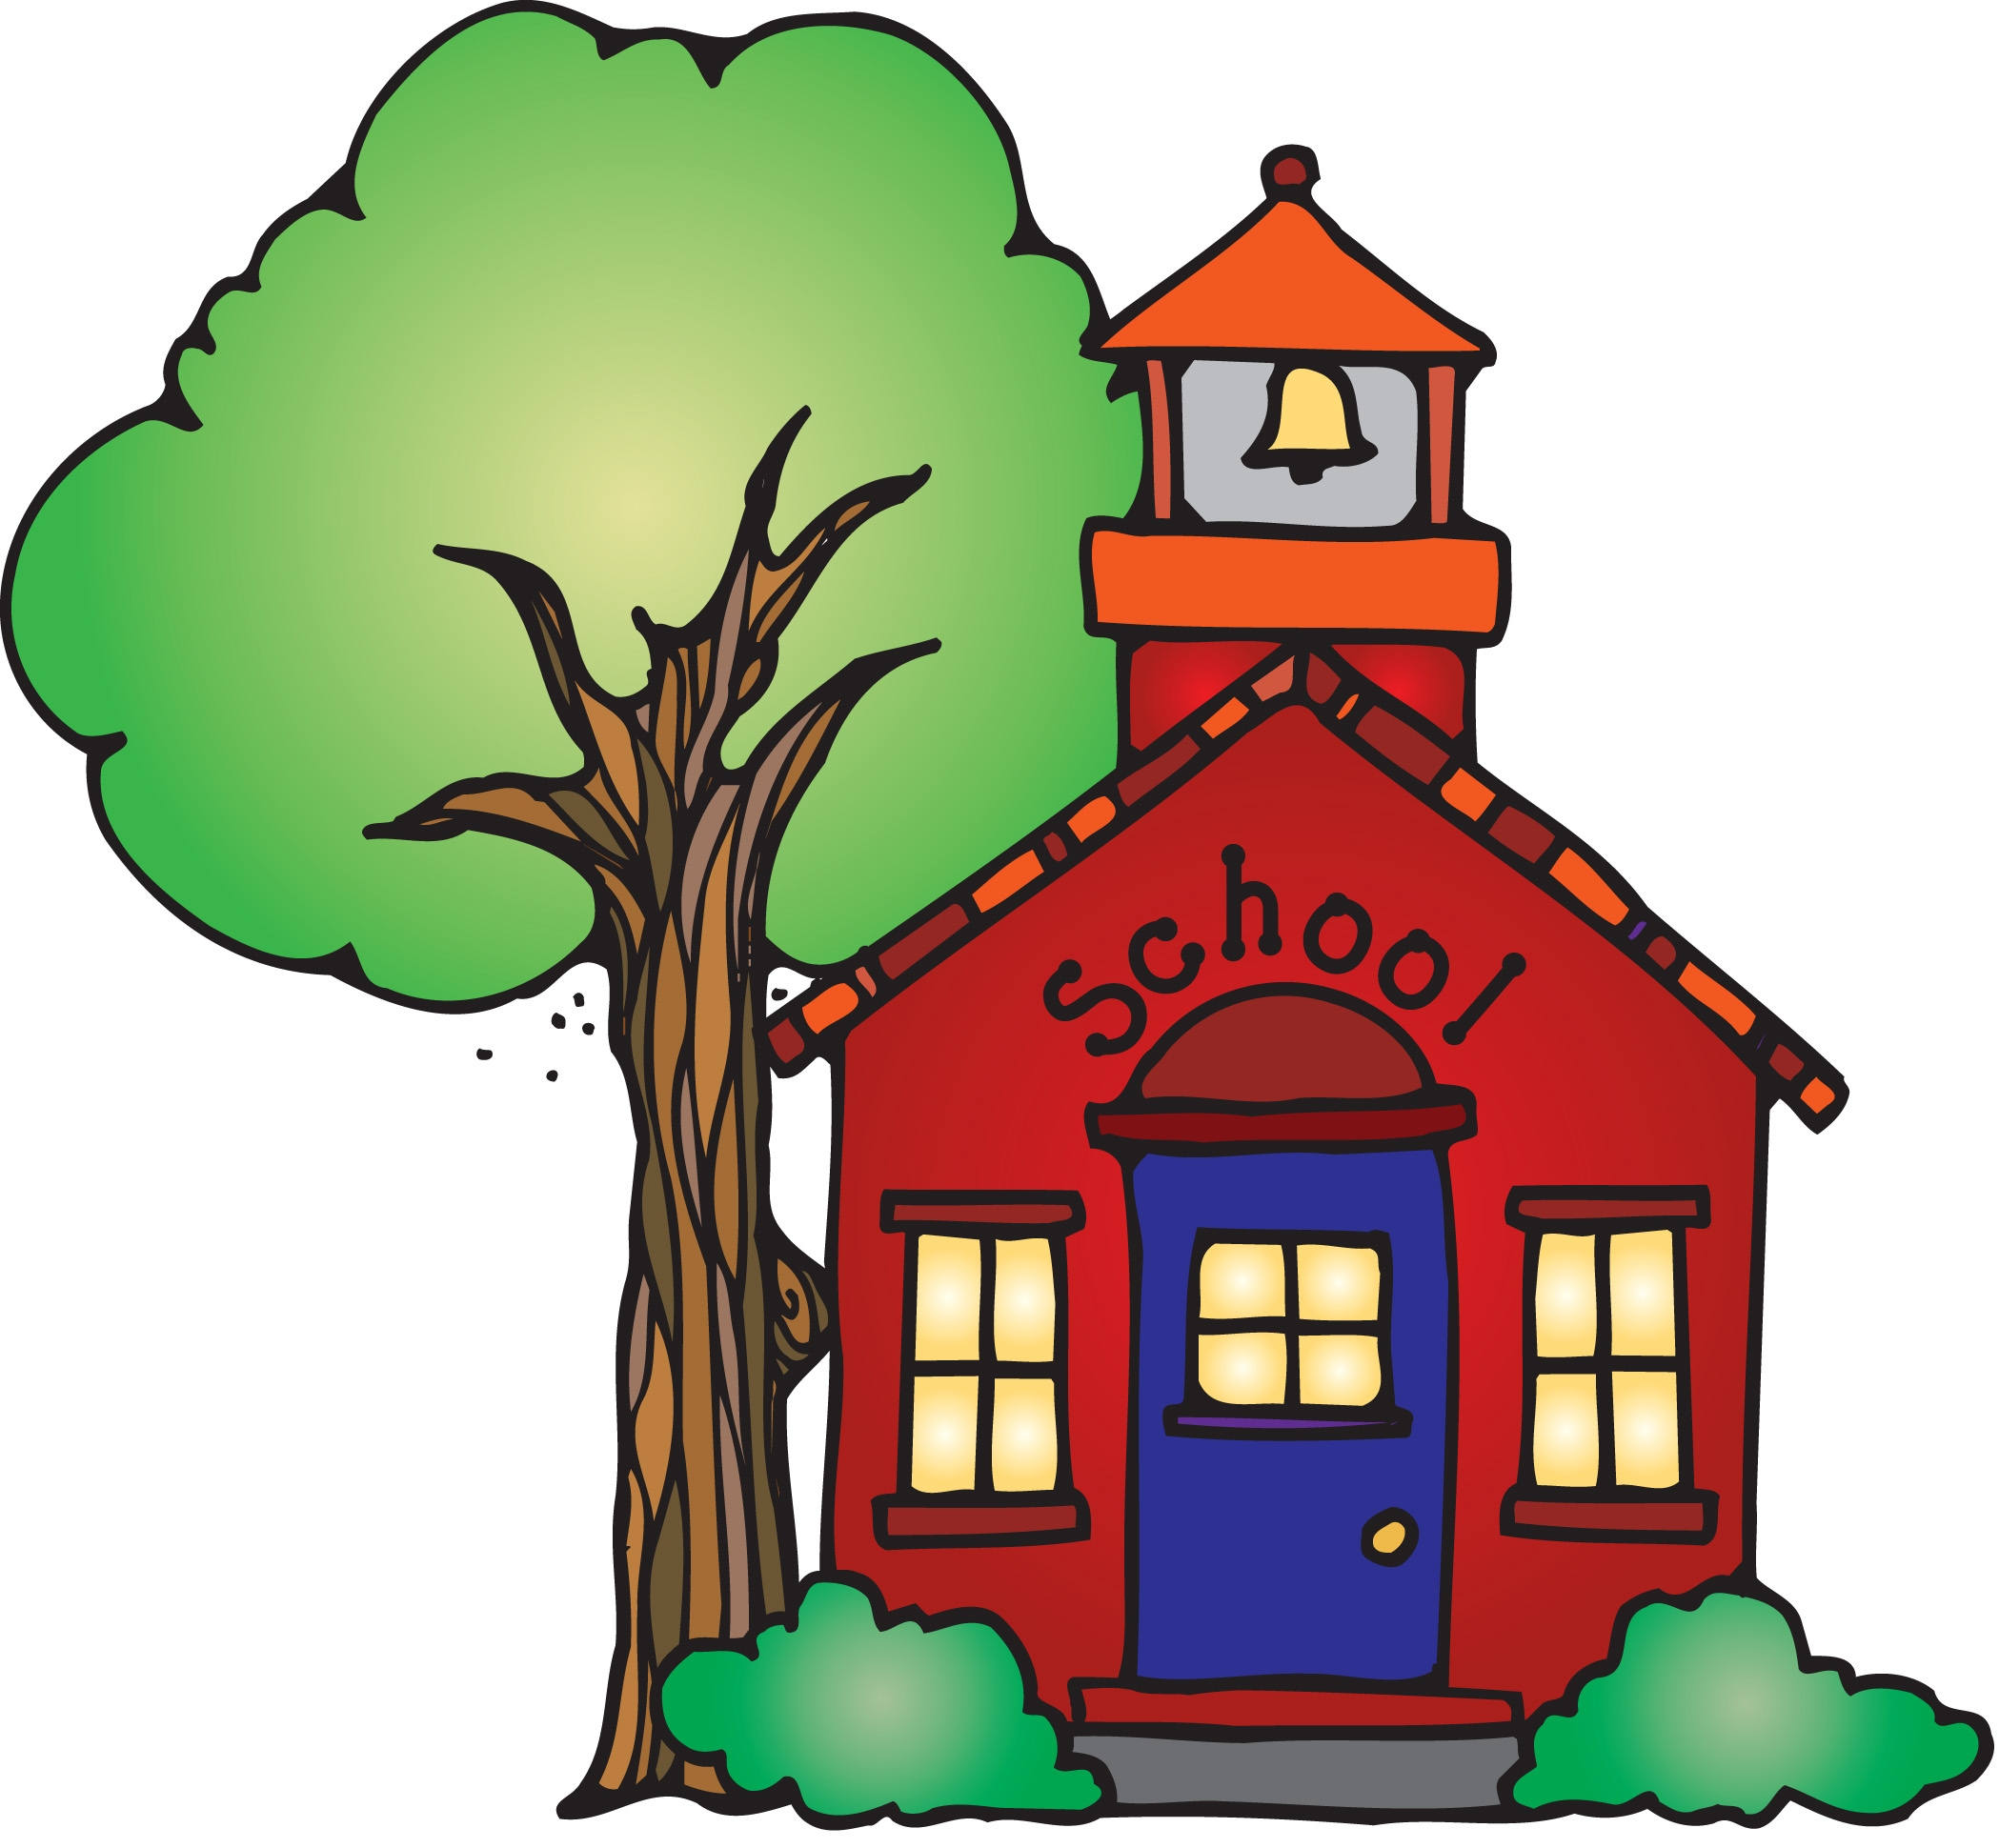 Animated Schoolhouse Clipart .-Animated Schoolhouse Clipart .-1